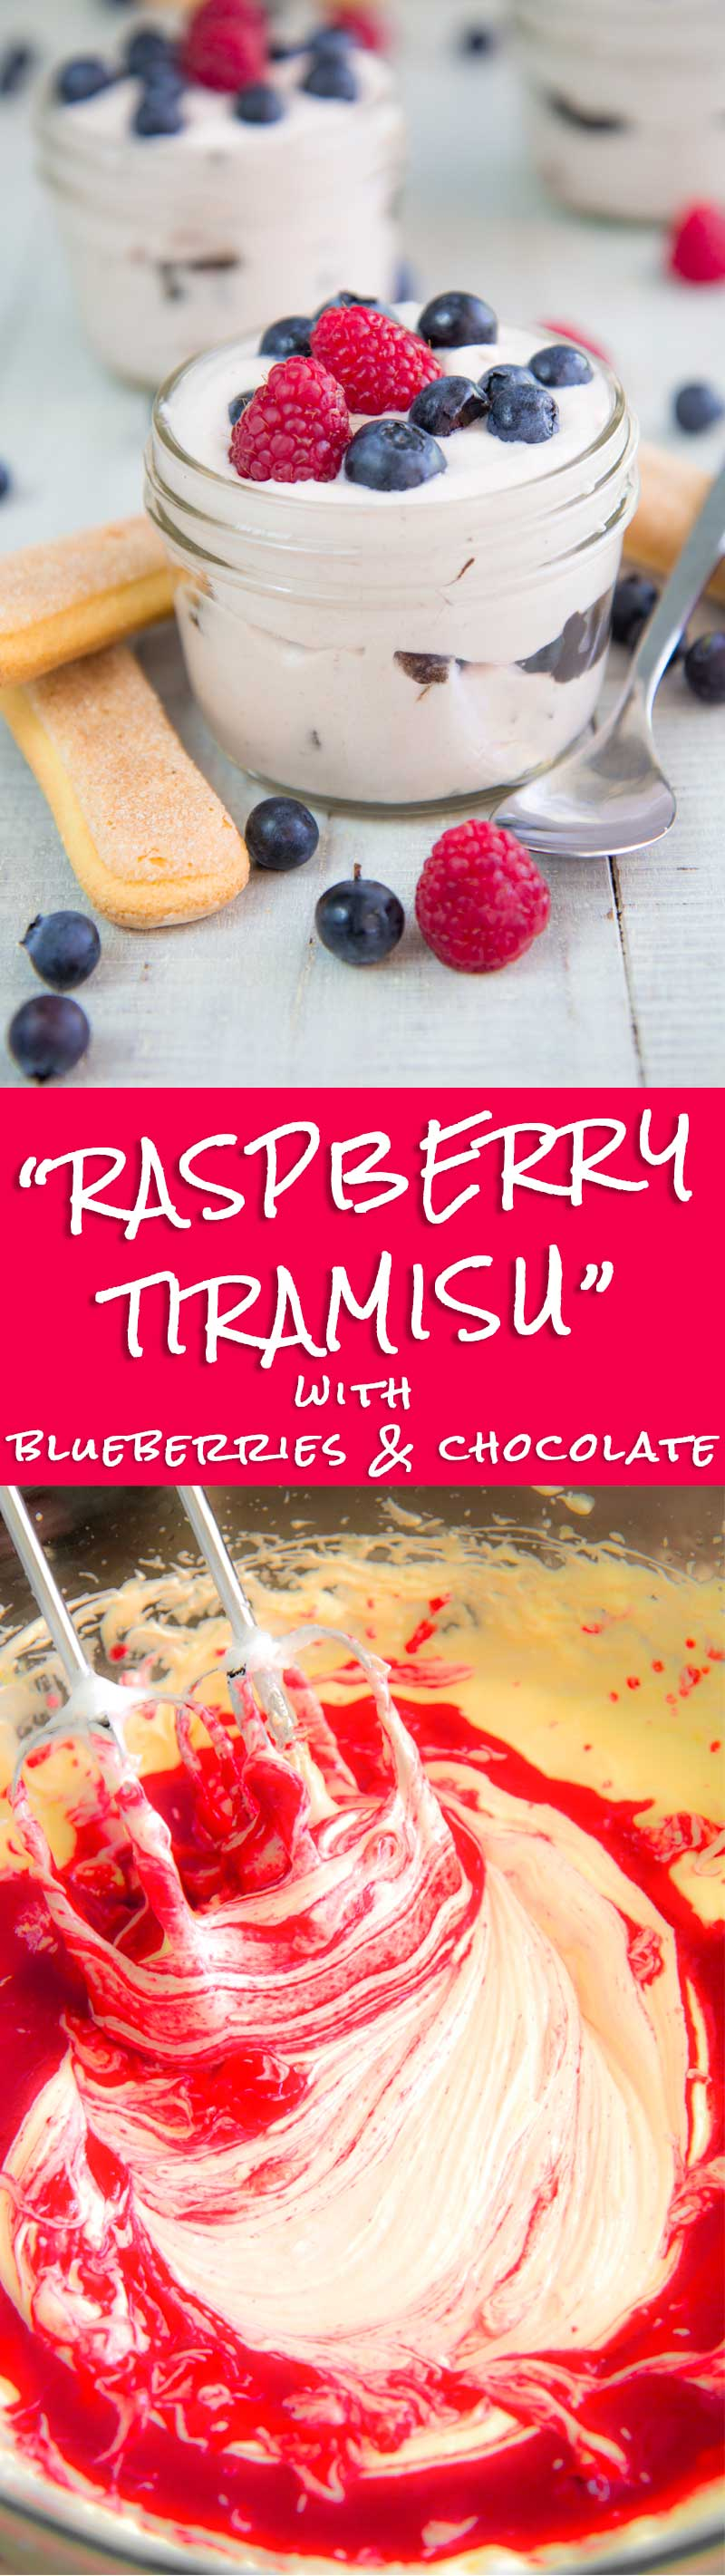 RASPBERRY TIRAMISU with blueberries and chocolate chunks